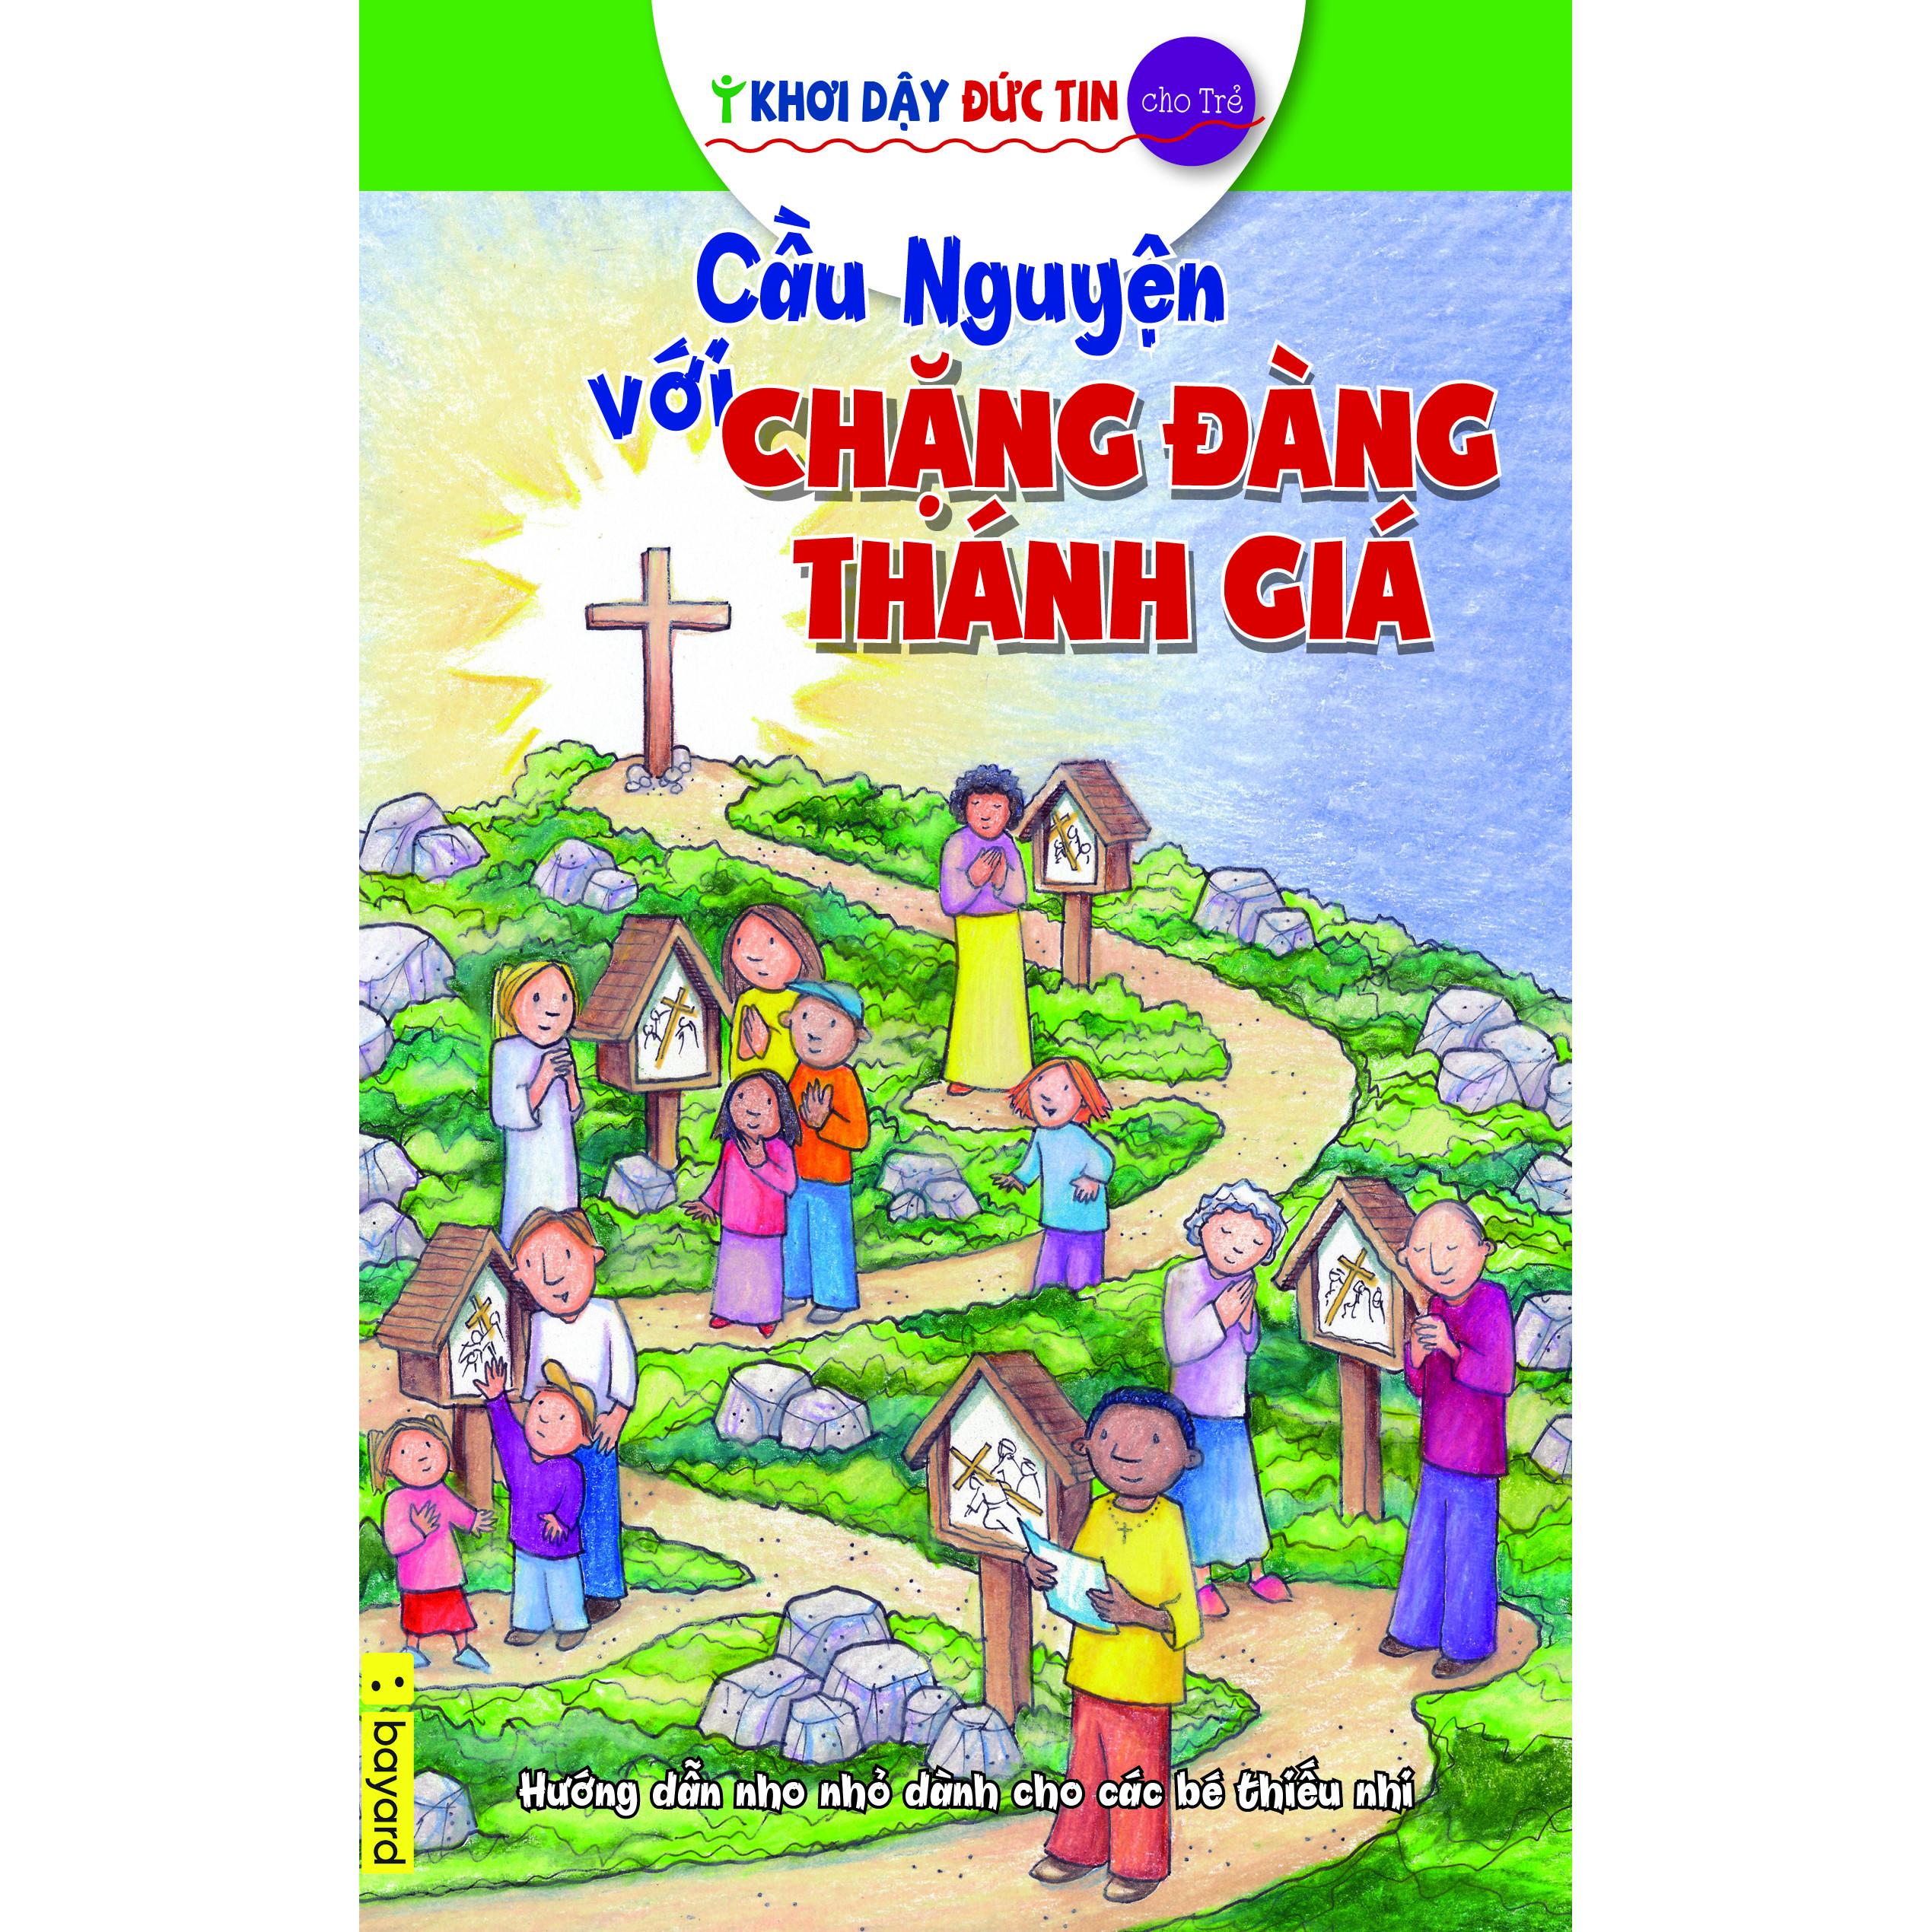 Sticker Cầu Nguyện Với Chặng Đàng Thánh Gía